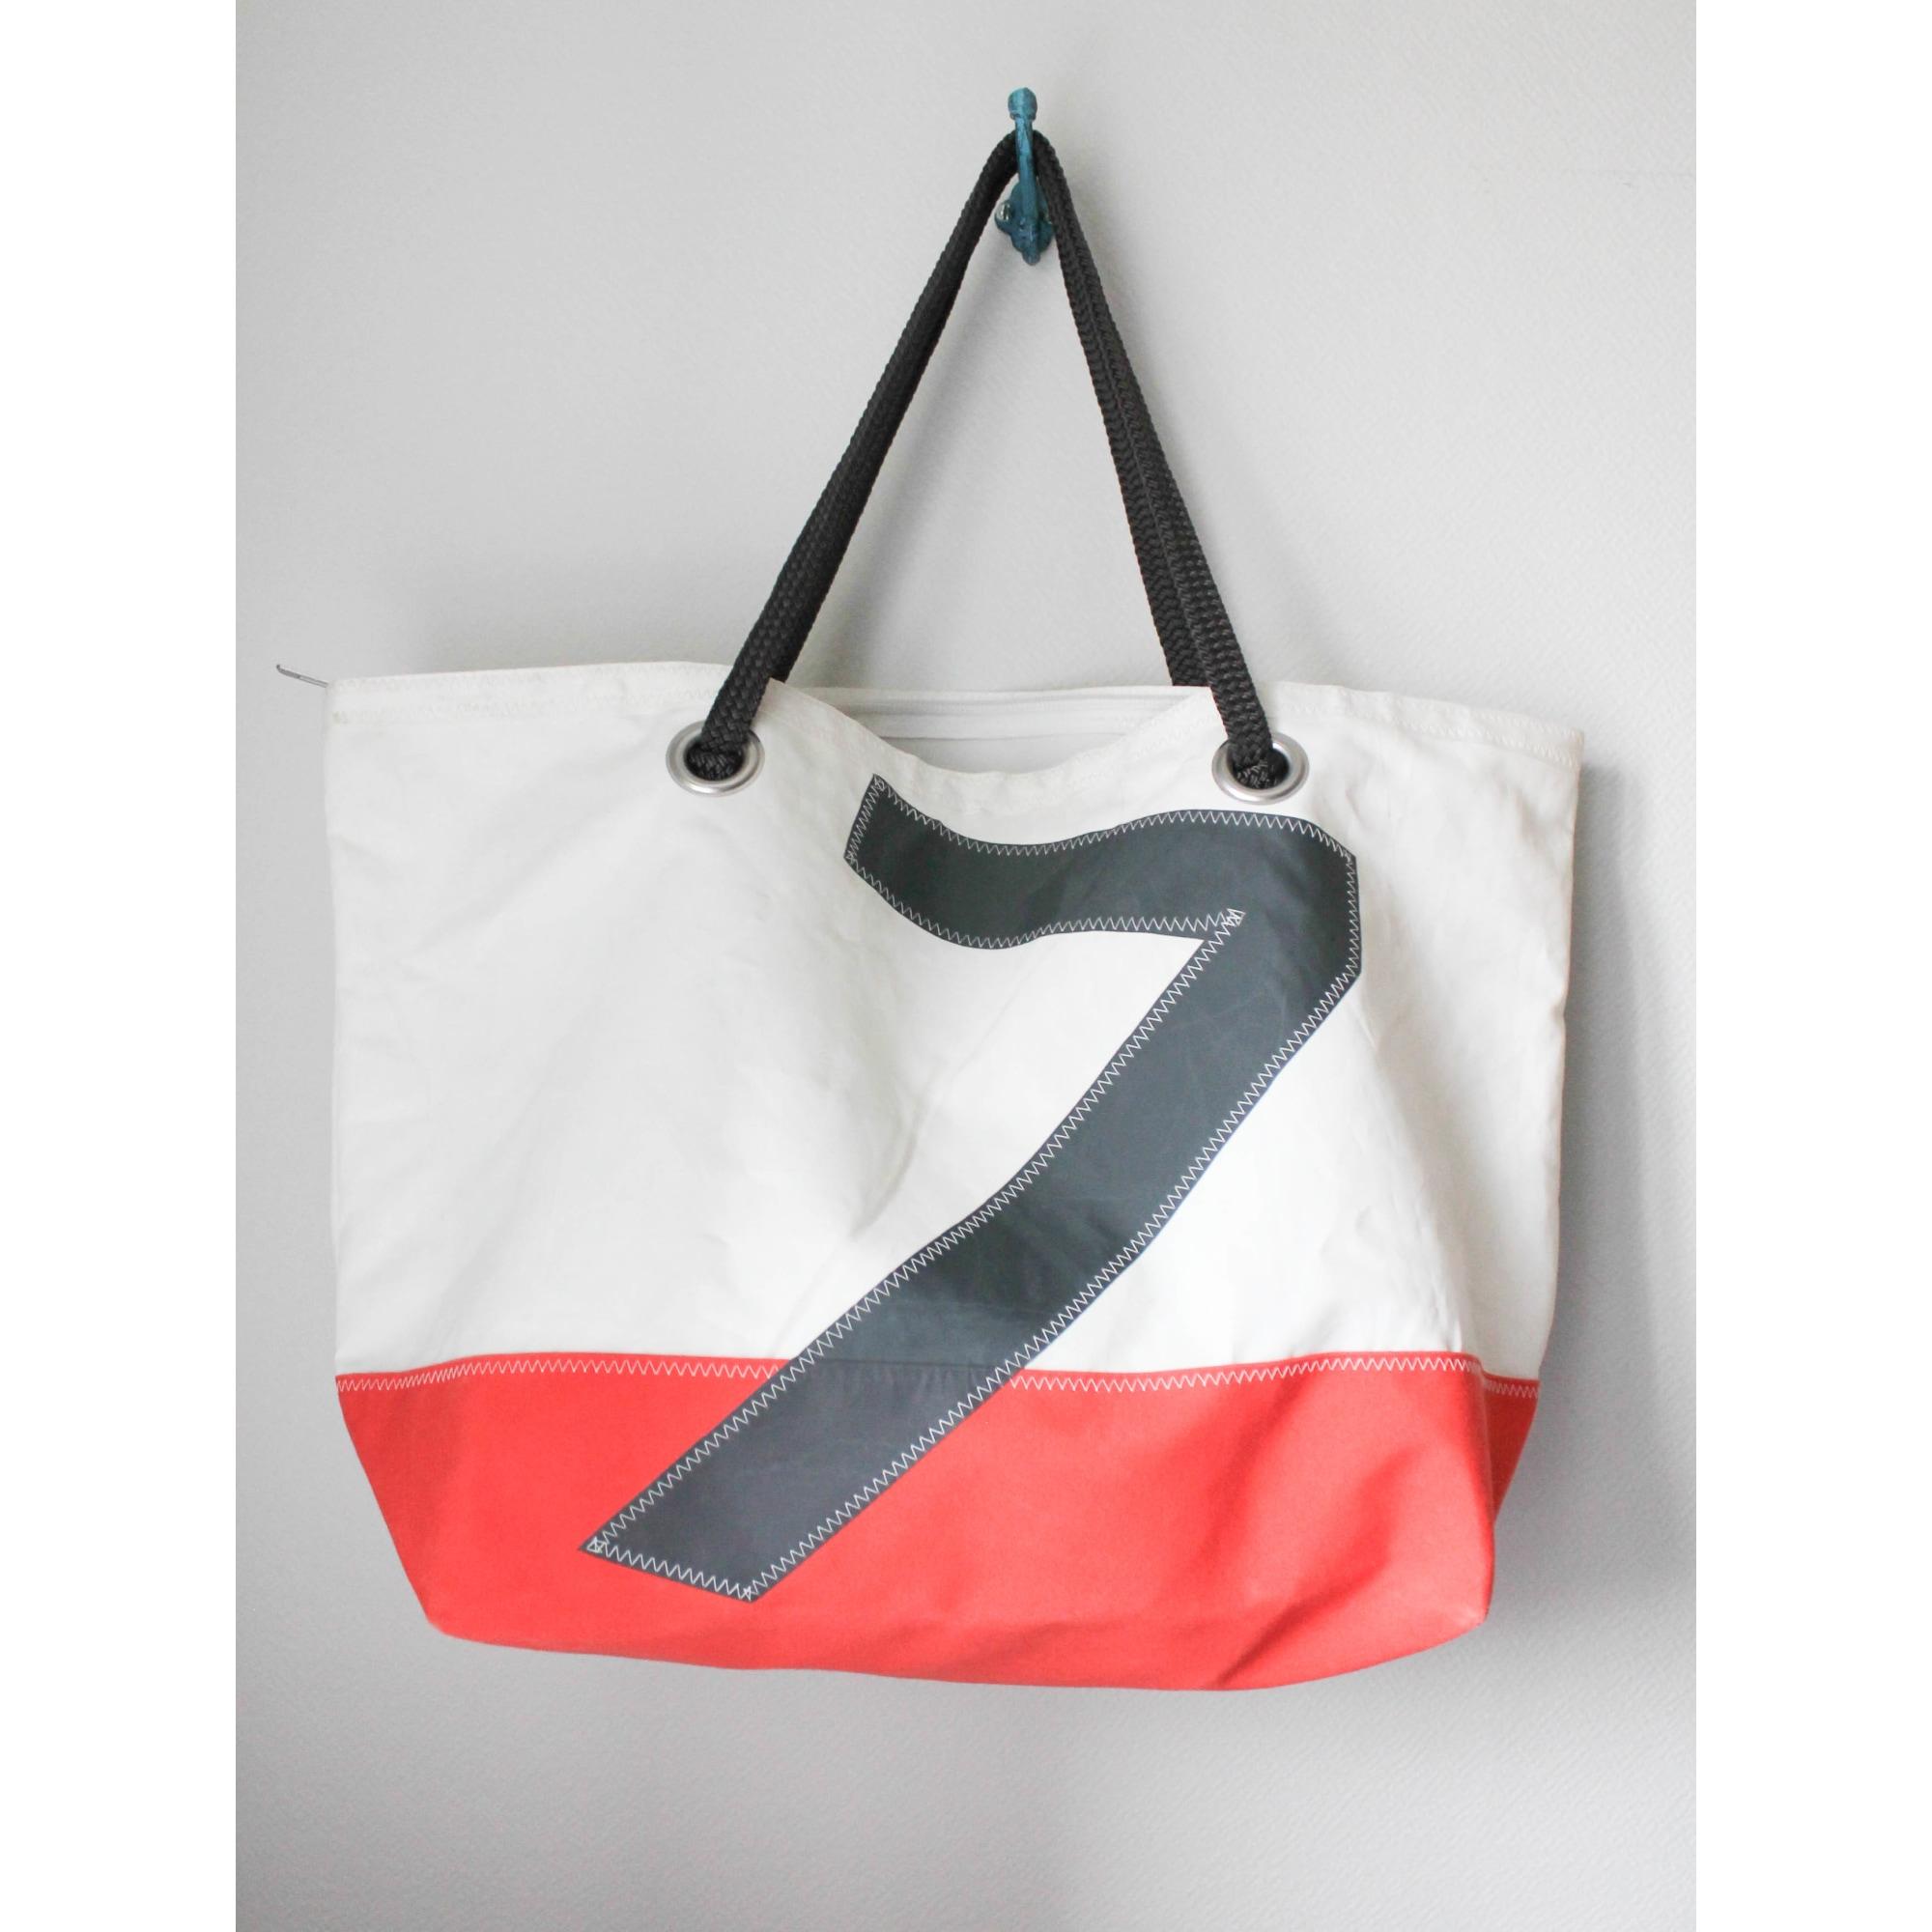 sac xl en tissu 727 sailbags orange - 7458011